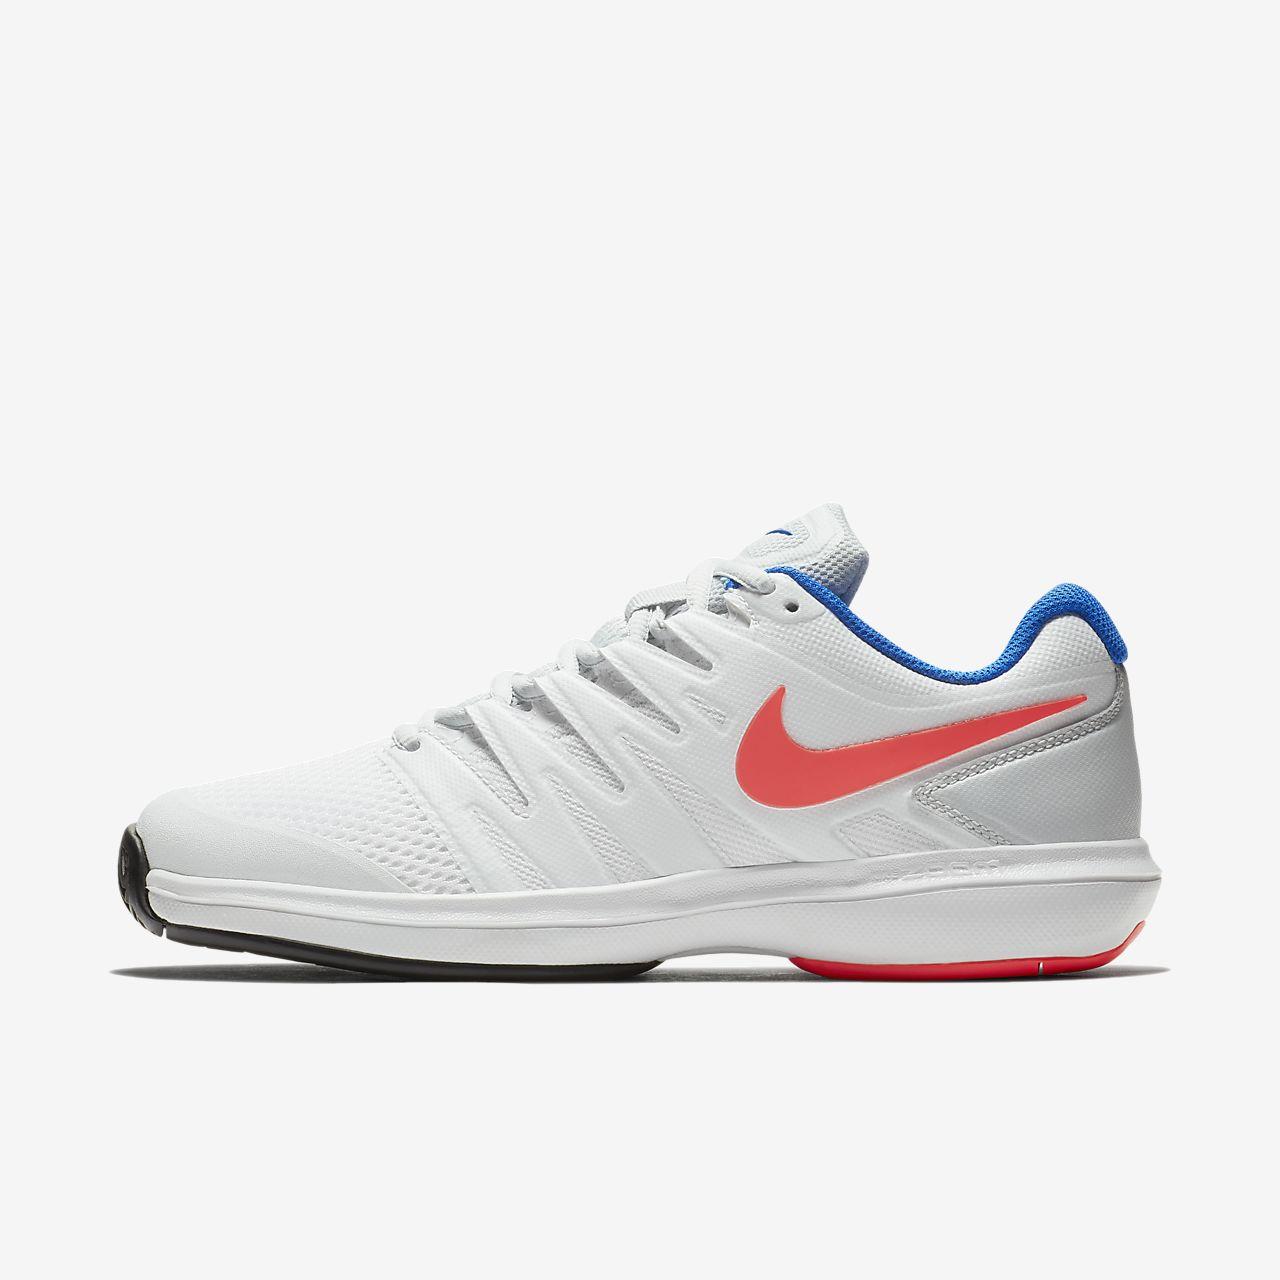 Prix Le Plus Bas Nike Chaussure de tennis Air Zoom Prestige HC pour Femme Obtenir Authentique À Vendre 1L5UGp